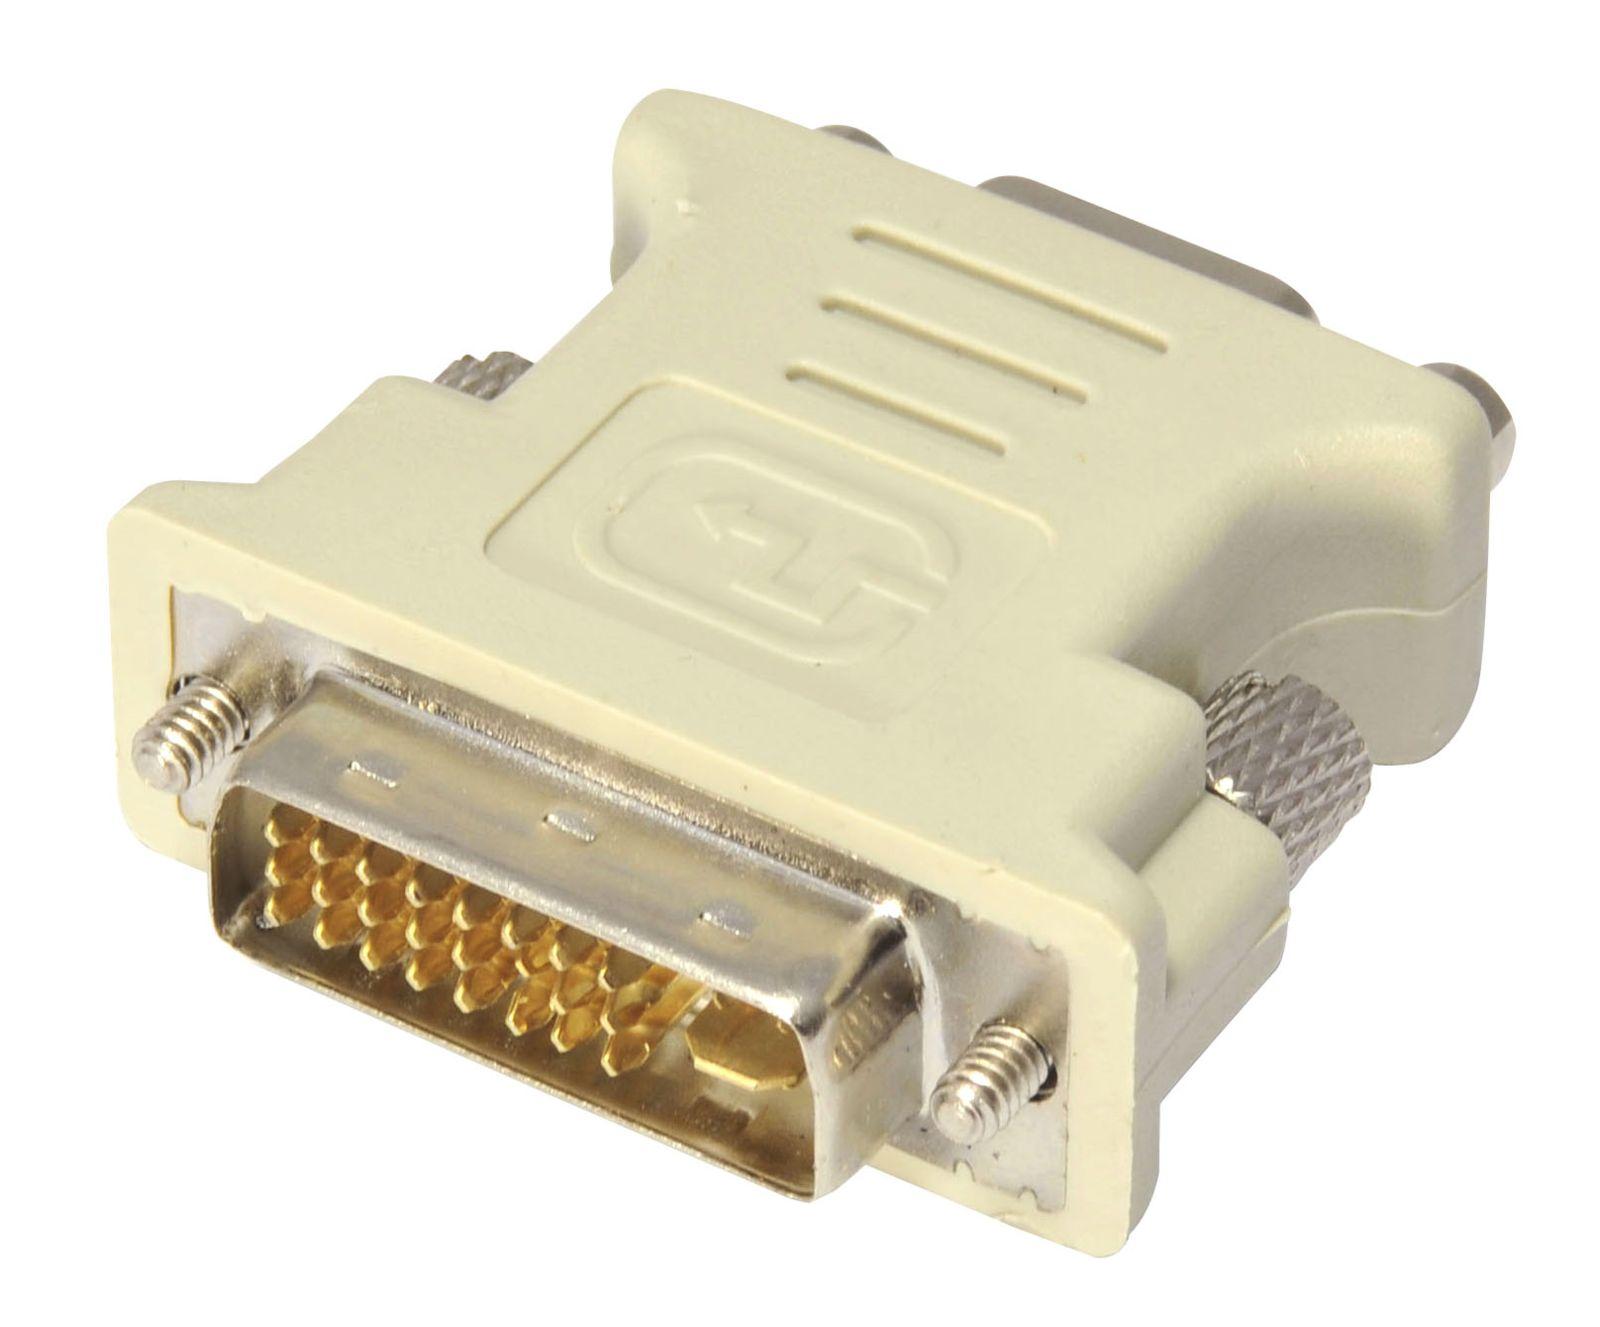 HIS DVI to VGA Adapter < Кабеля и адаптеры < Аксессуары < Products ...